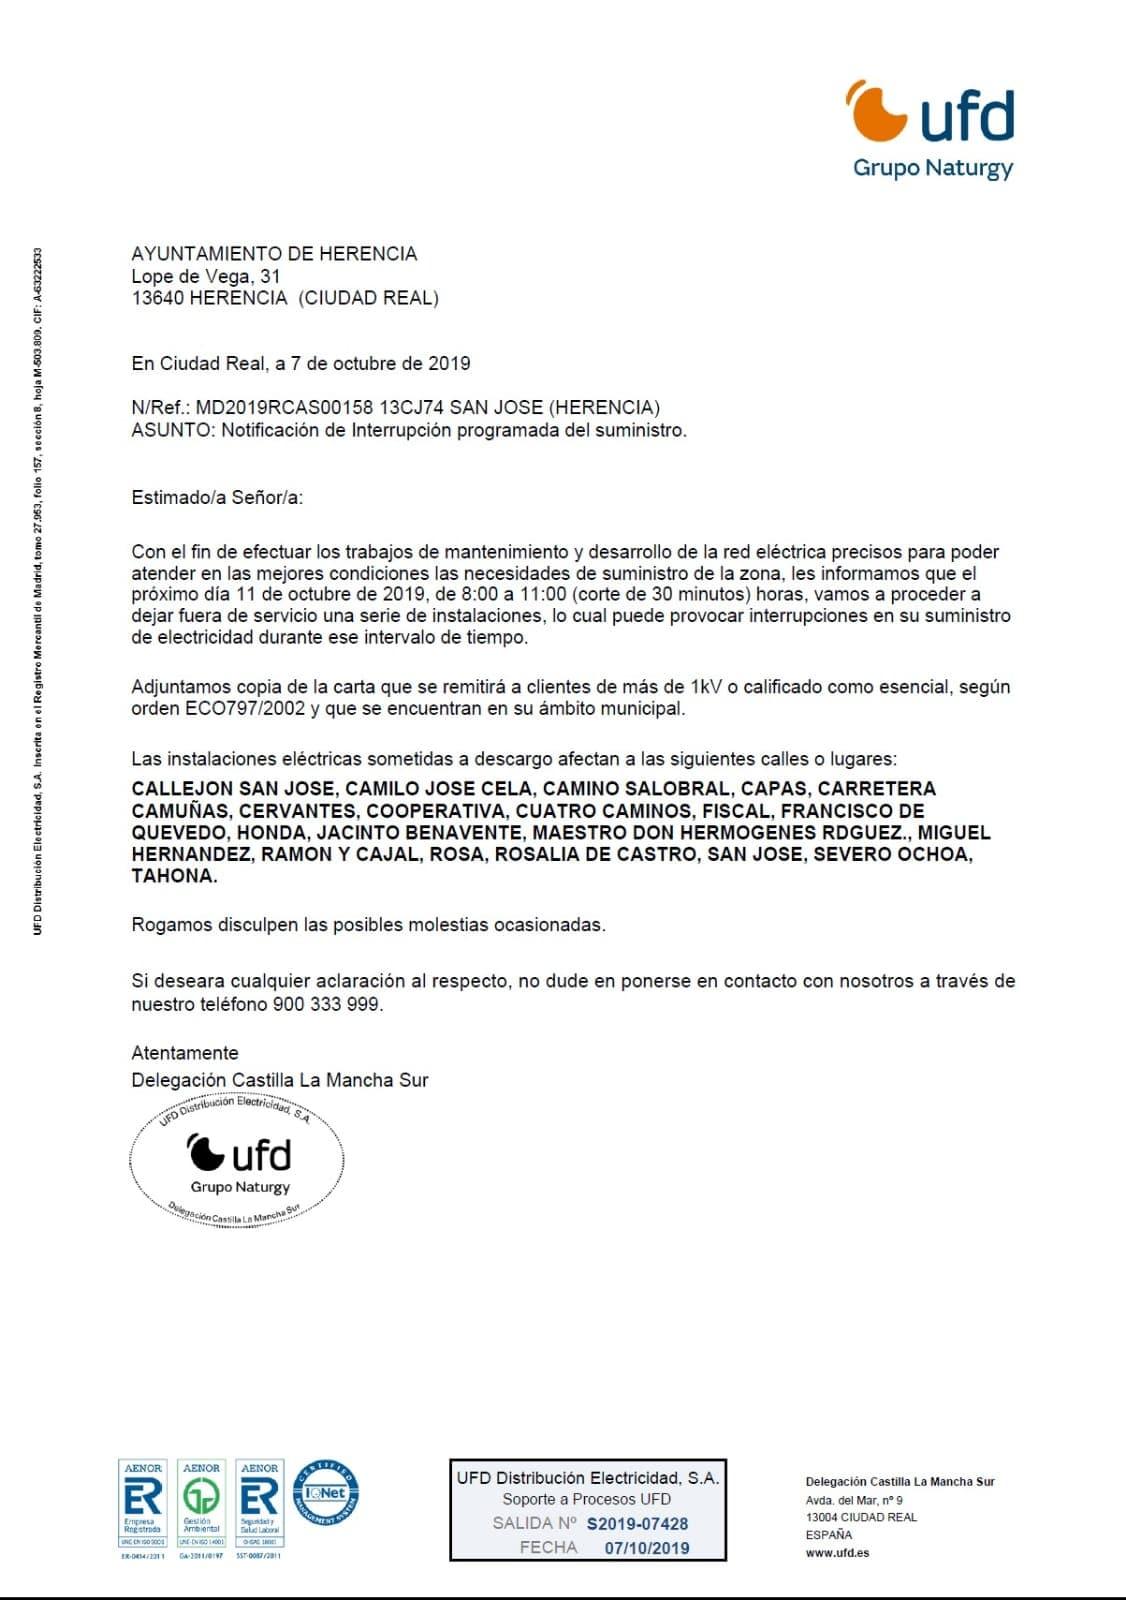 cortes de luz programados herencia octubre 2019 - Cortes de suministro eléctrico para el próximo 11 de octubre